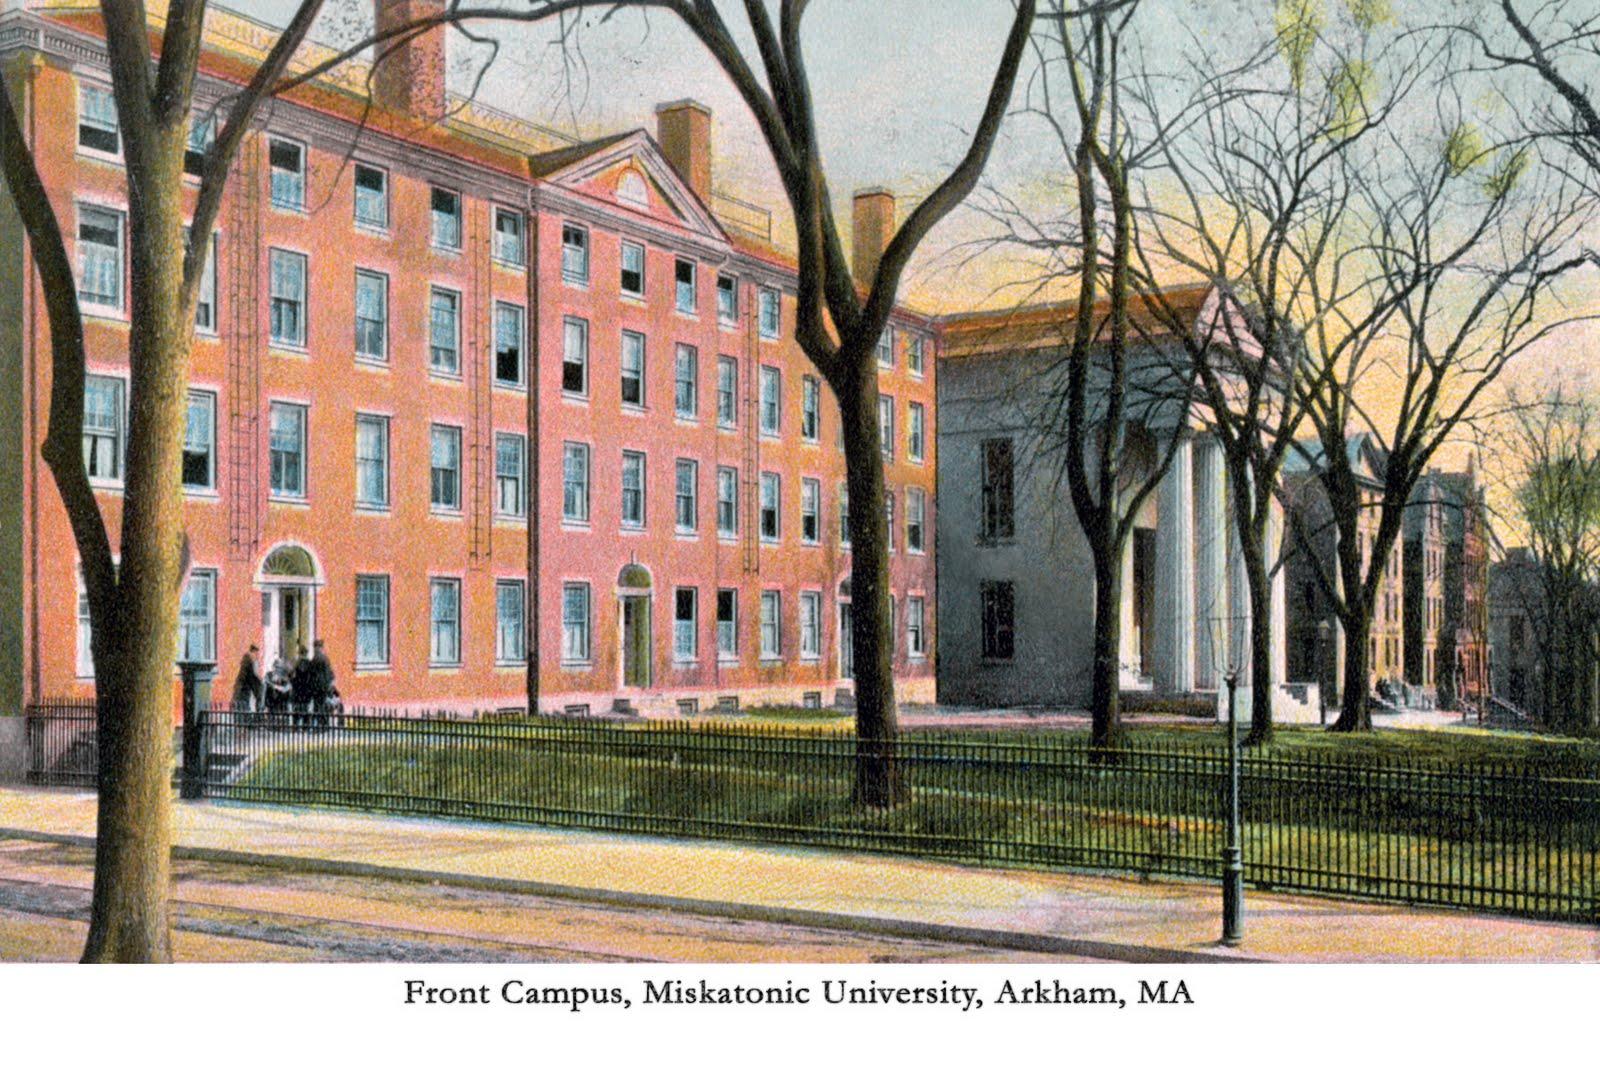 Arkham Miskatonic Campus